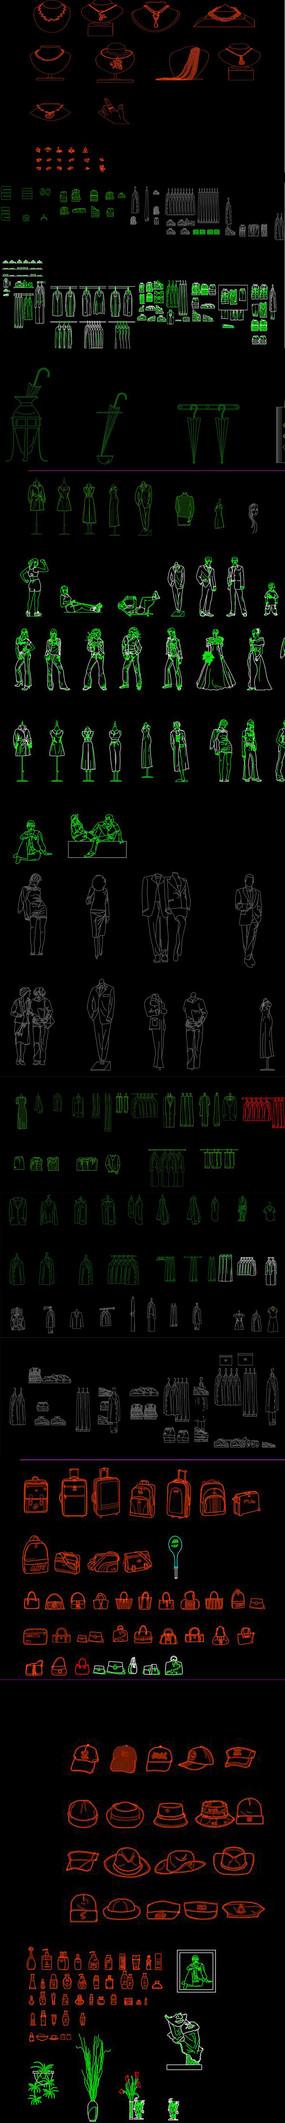 衣服、鞋子模块CAD图库